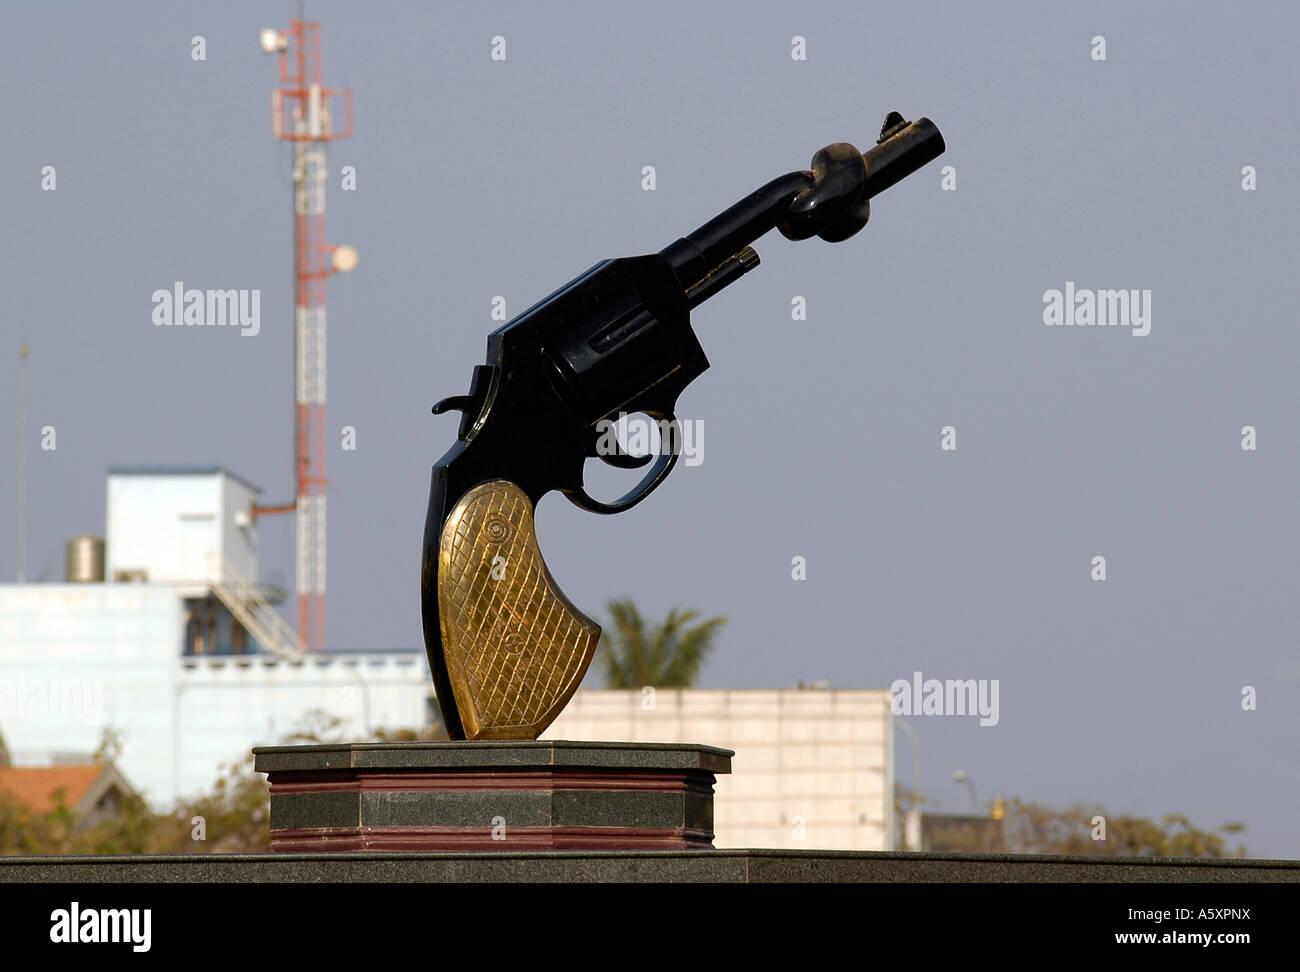 Eine große Waffe mit seinen Lauf verdreht, befindet sich im Zentrum von Phnom Penh, steht als ein markantes Stockbild